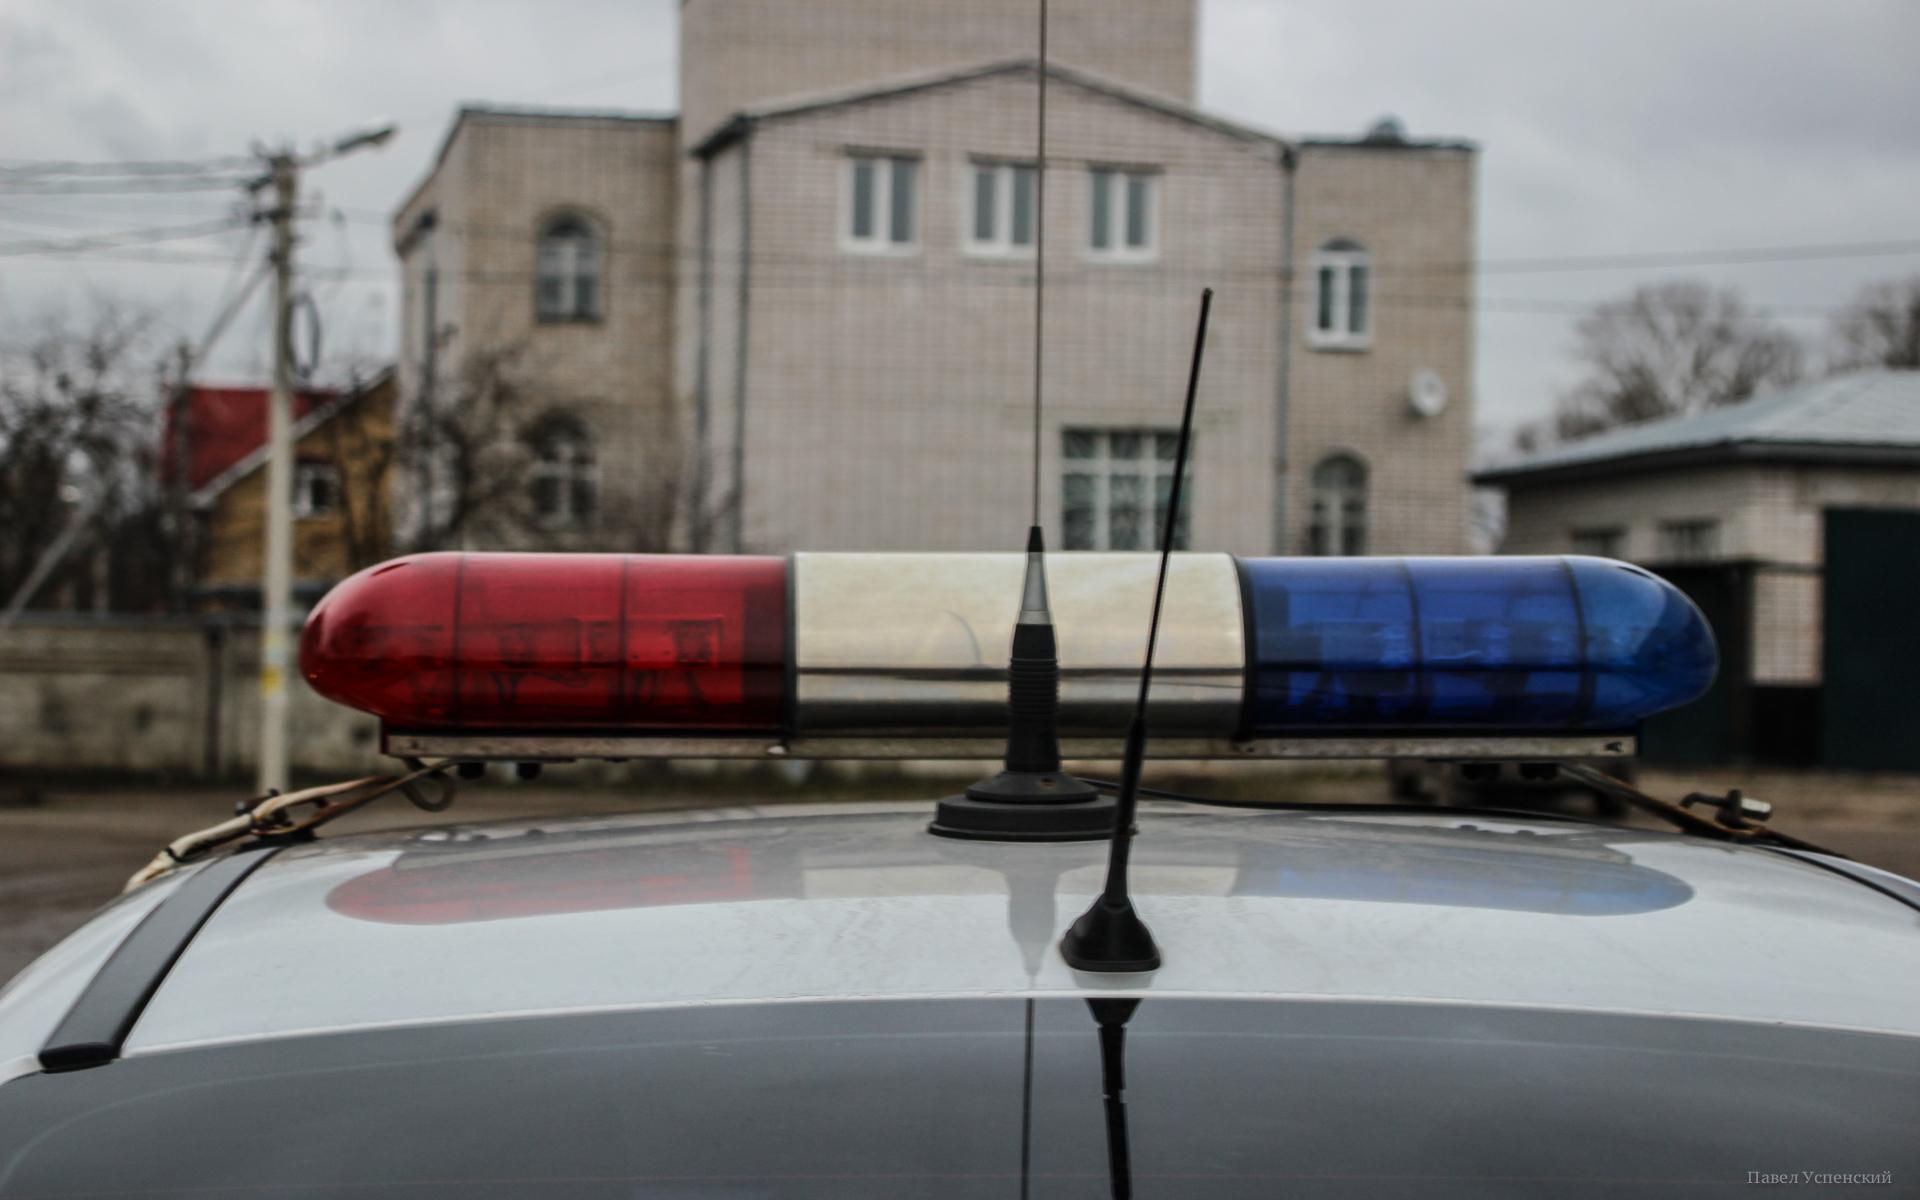 Два человека пострадали в столкновении трех автомобилей в Твери - новости Афанасий